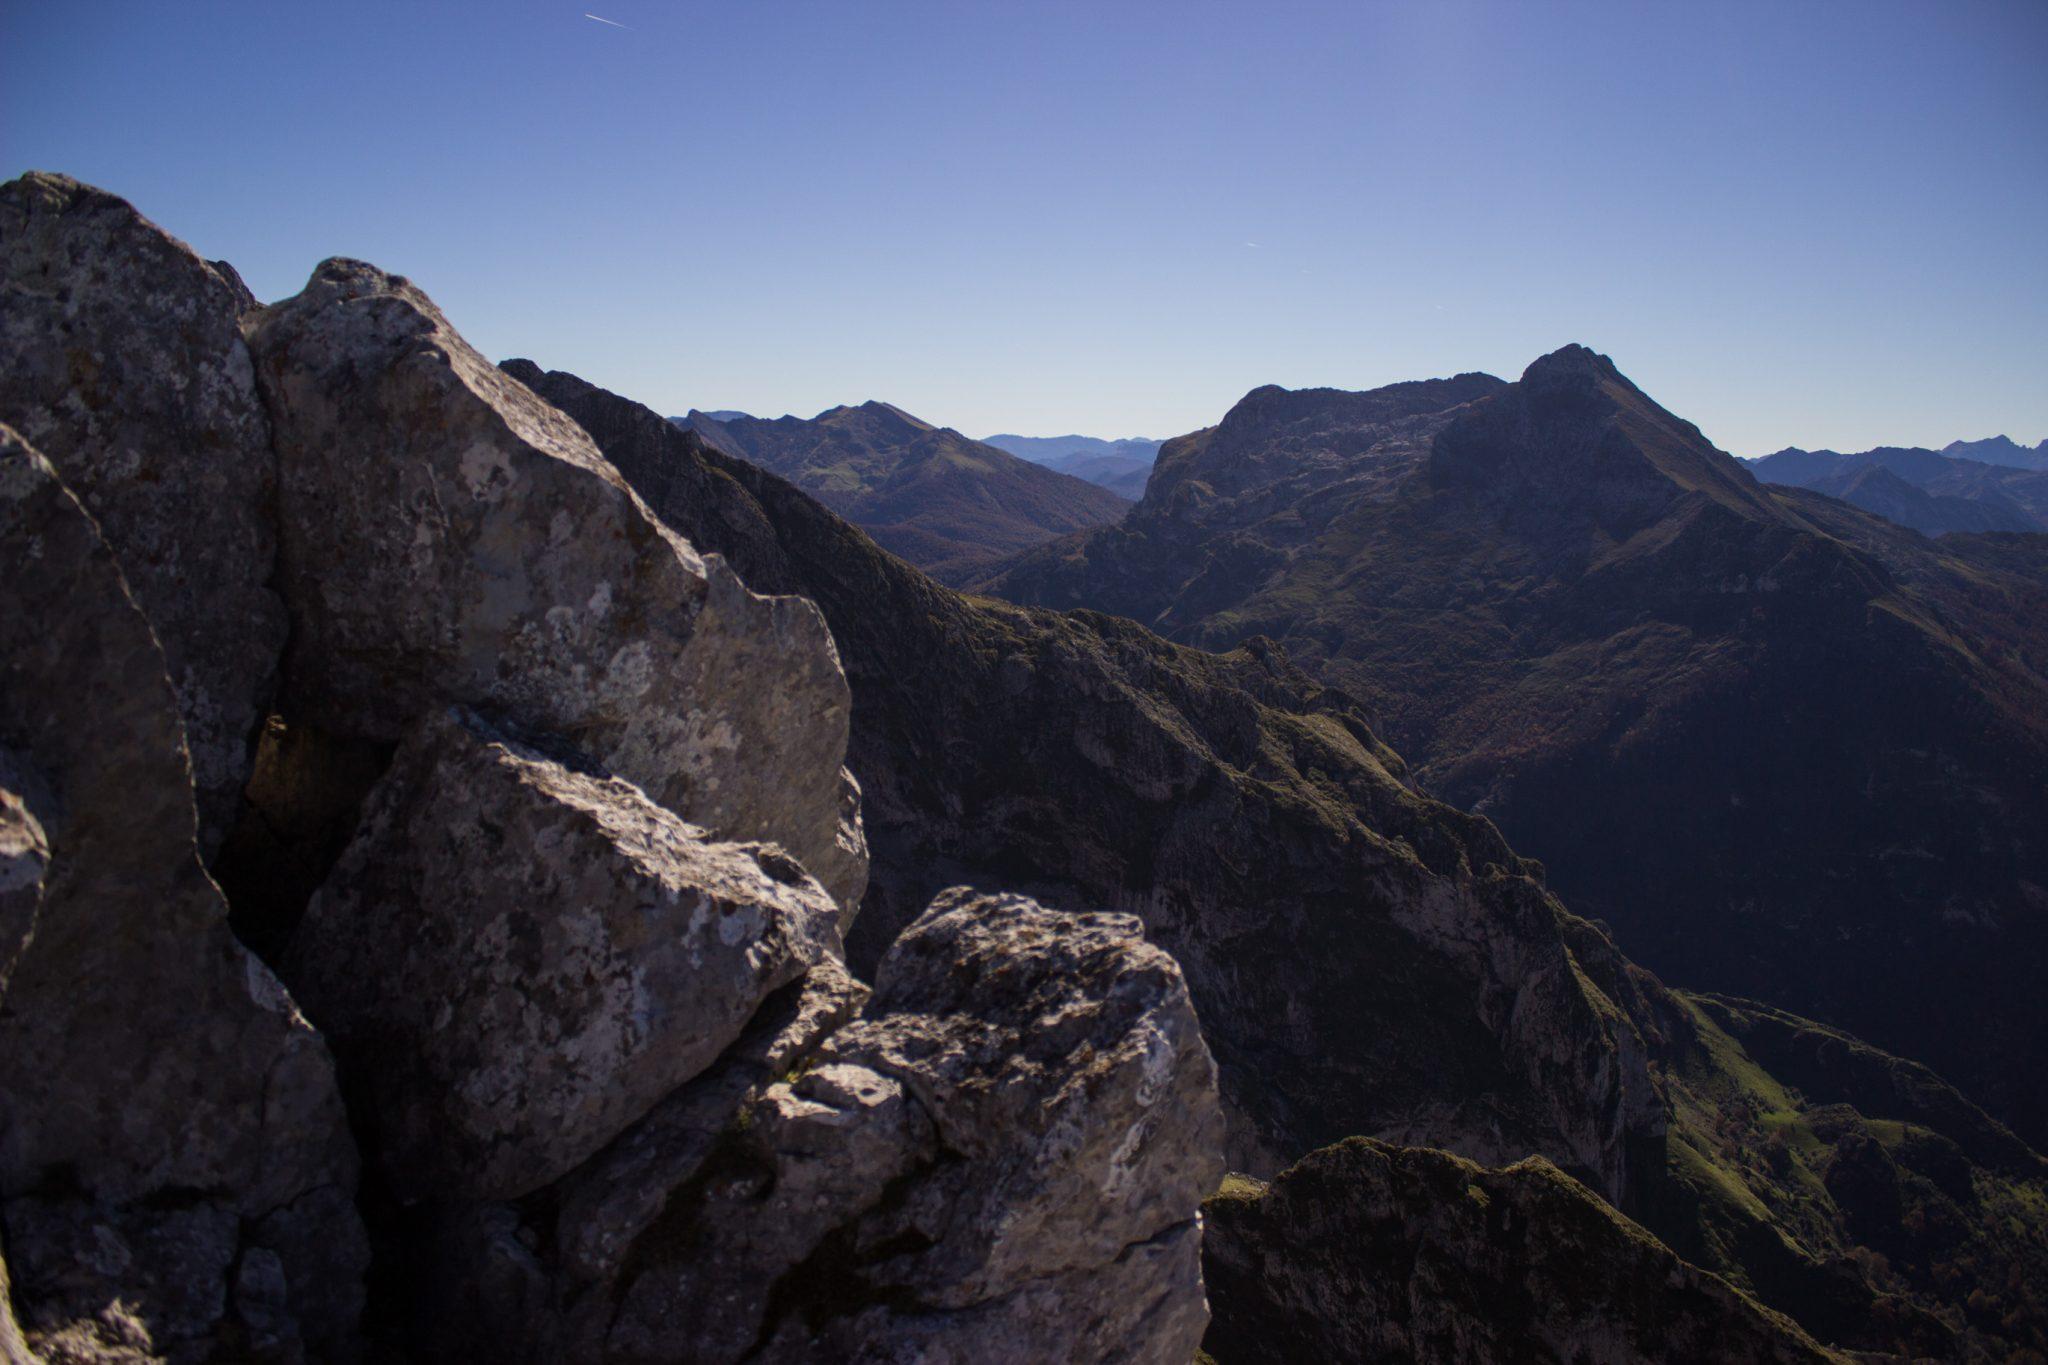 Wanderung Mirador de Ordiales Picos de Europa Spanien, sehr beeindruckende Sicht beim Ziel der Wanderung, dem Aussichtspunkt Mirador de Ordiales, Bergpanorama, riesige Felsen